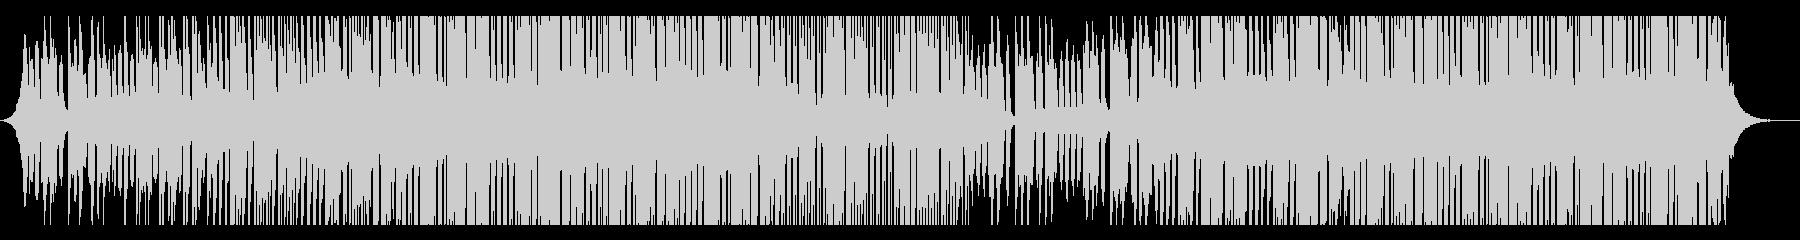 インスピレーションハウスの未再生の波形